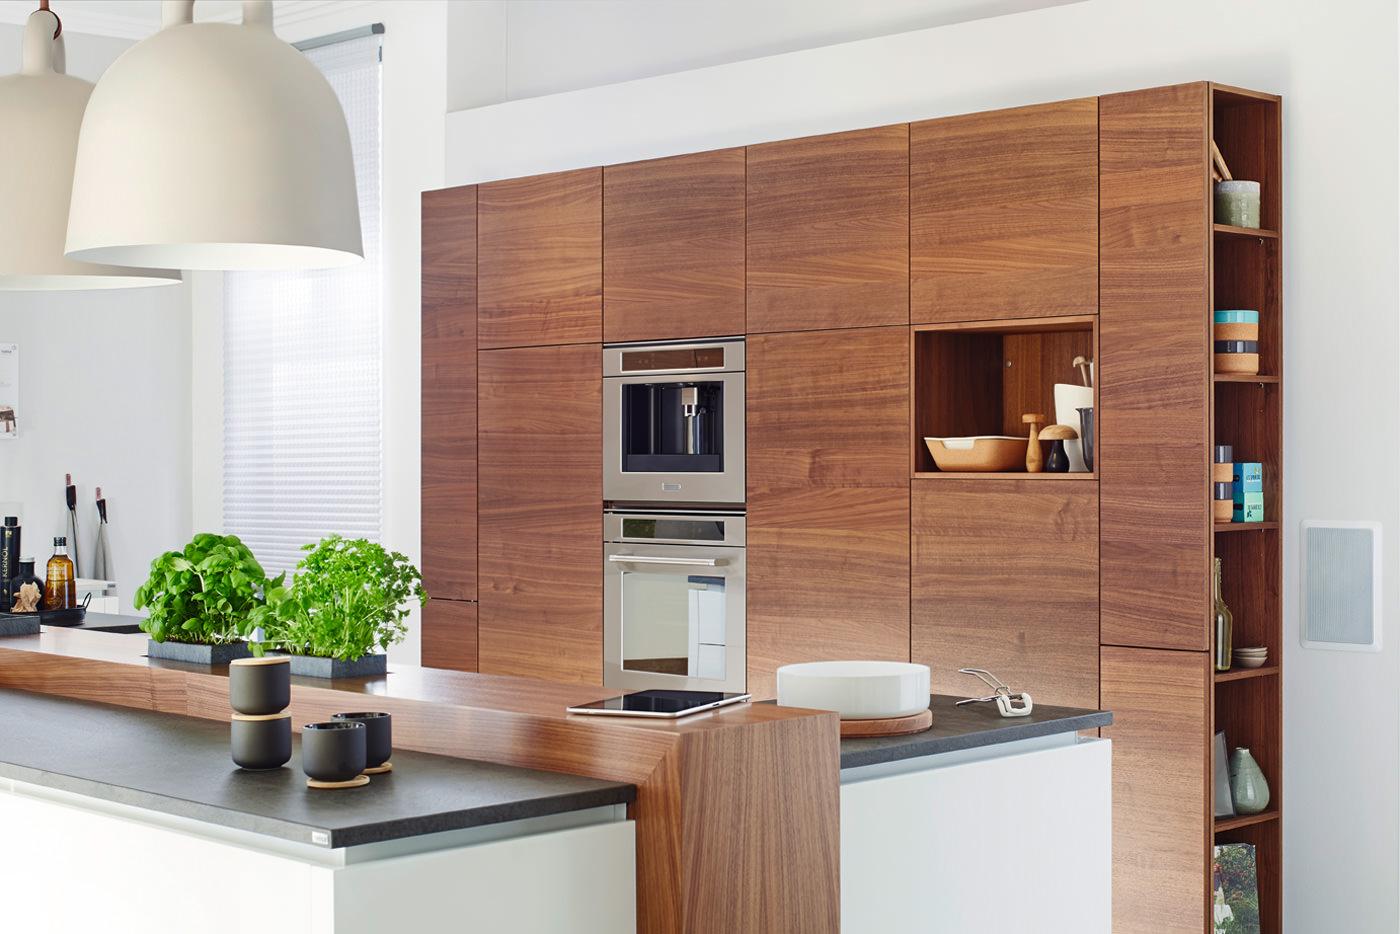 Wohnzimmerz: Alno Küchen Fronten With Küchenfronten Von Beptum ... | {Alno küchen fronten austauschen 57}